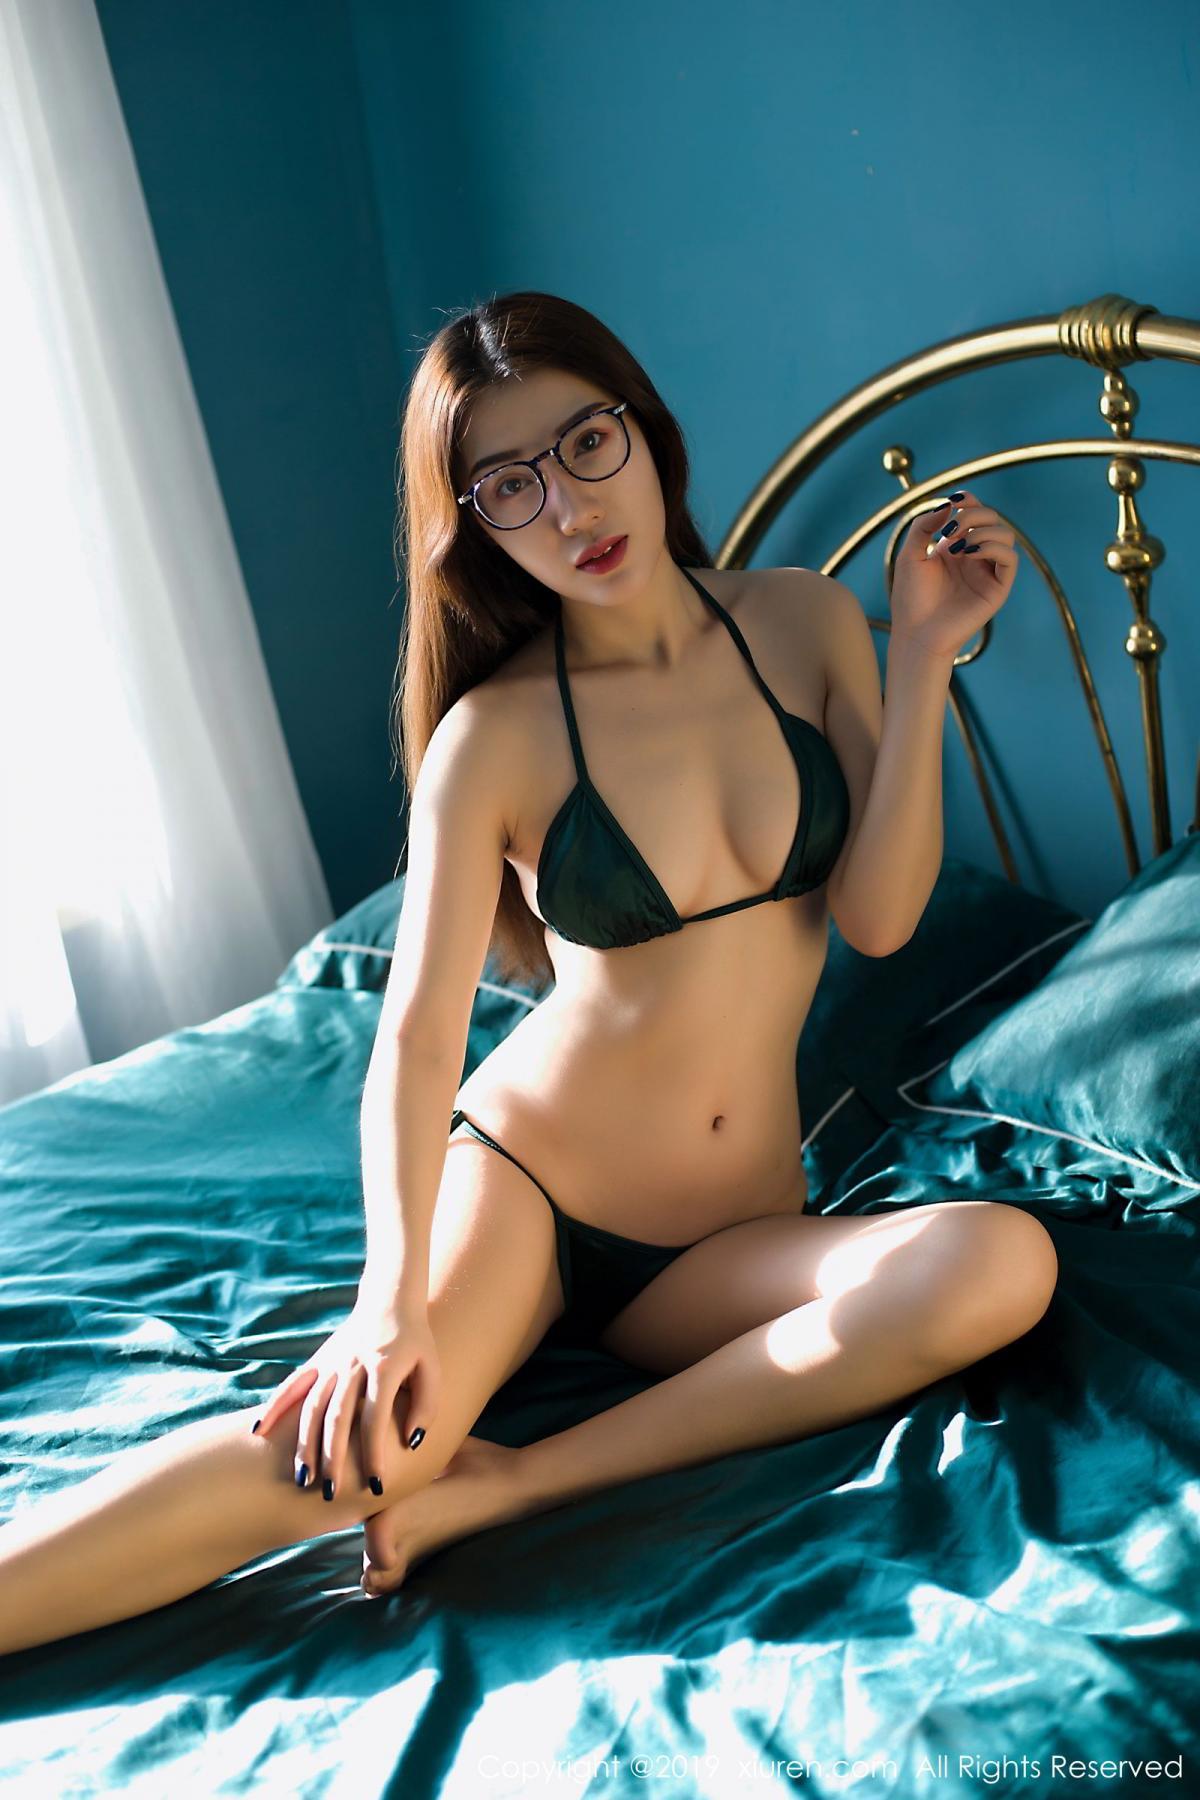 [XiuRen] Vol.1725 Zhi Zhi 2 6P, Underwear, Xiuren, Zhi Zhi